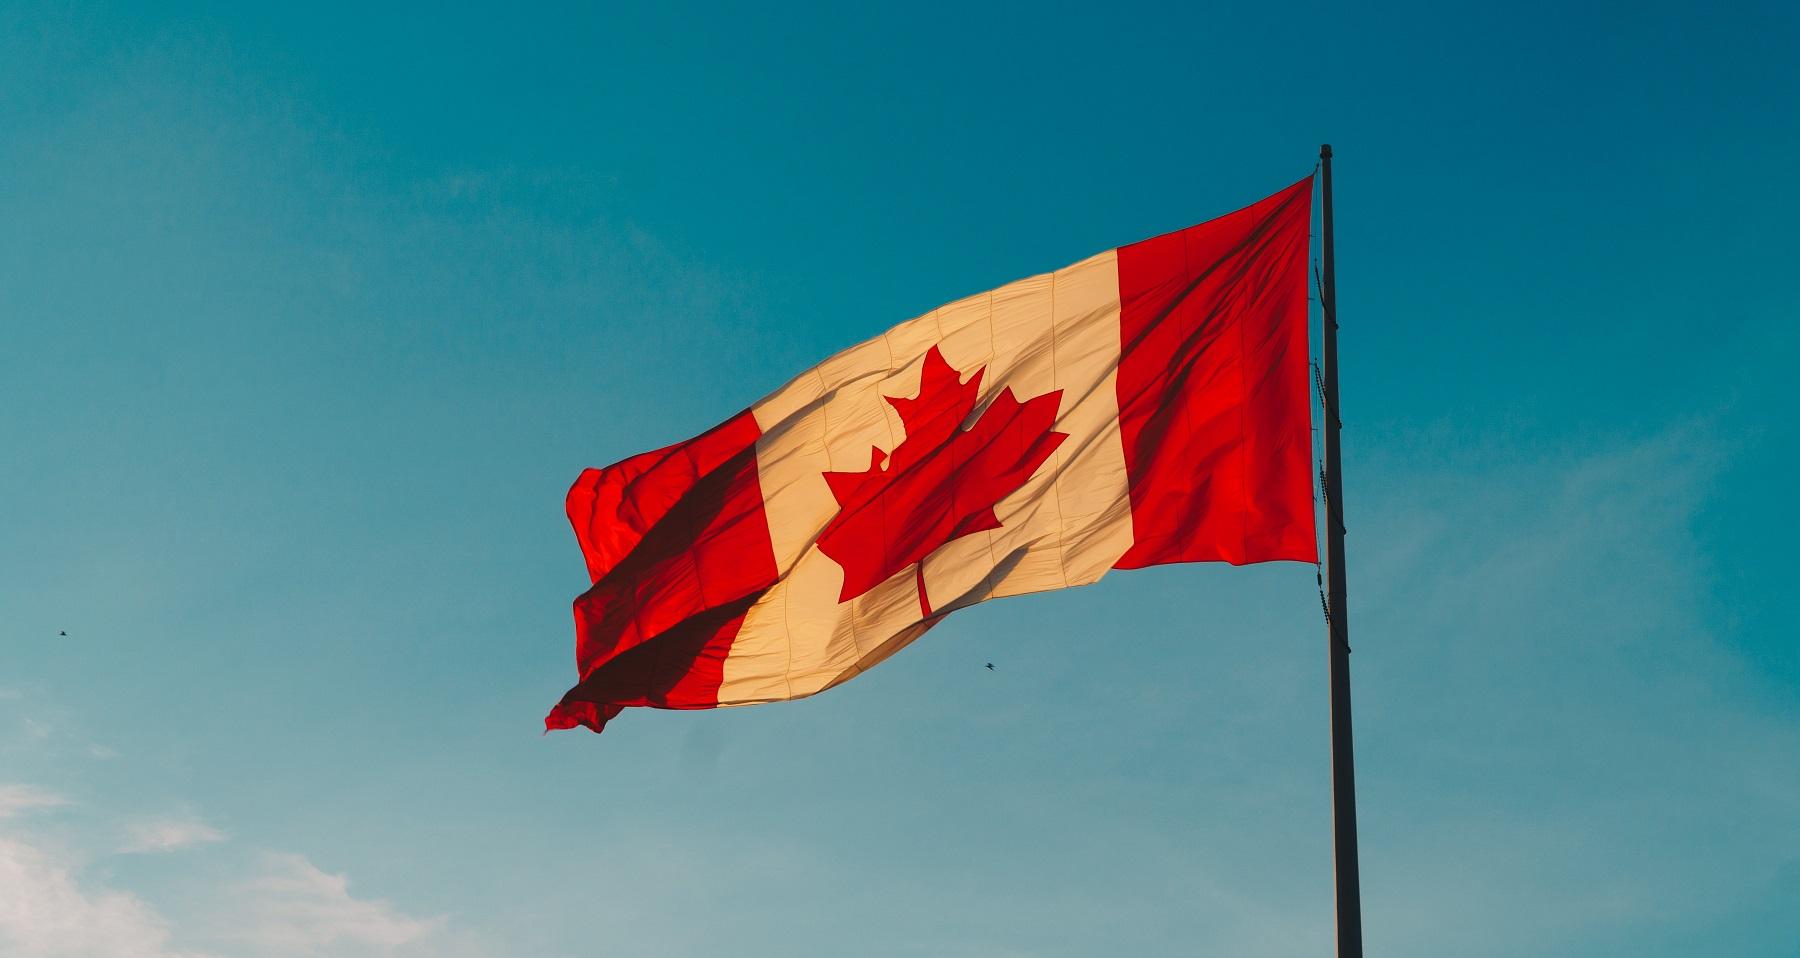 加拿大联邦技术移民EE最新获邀分465分,3350人获邀!